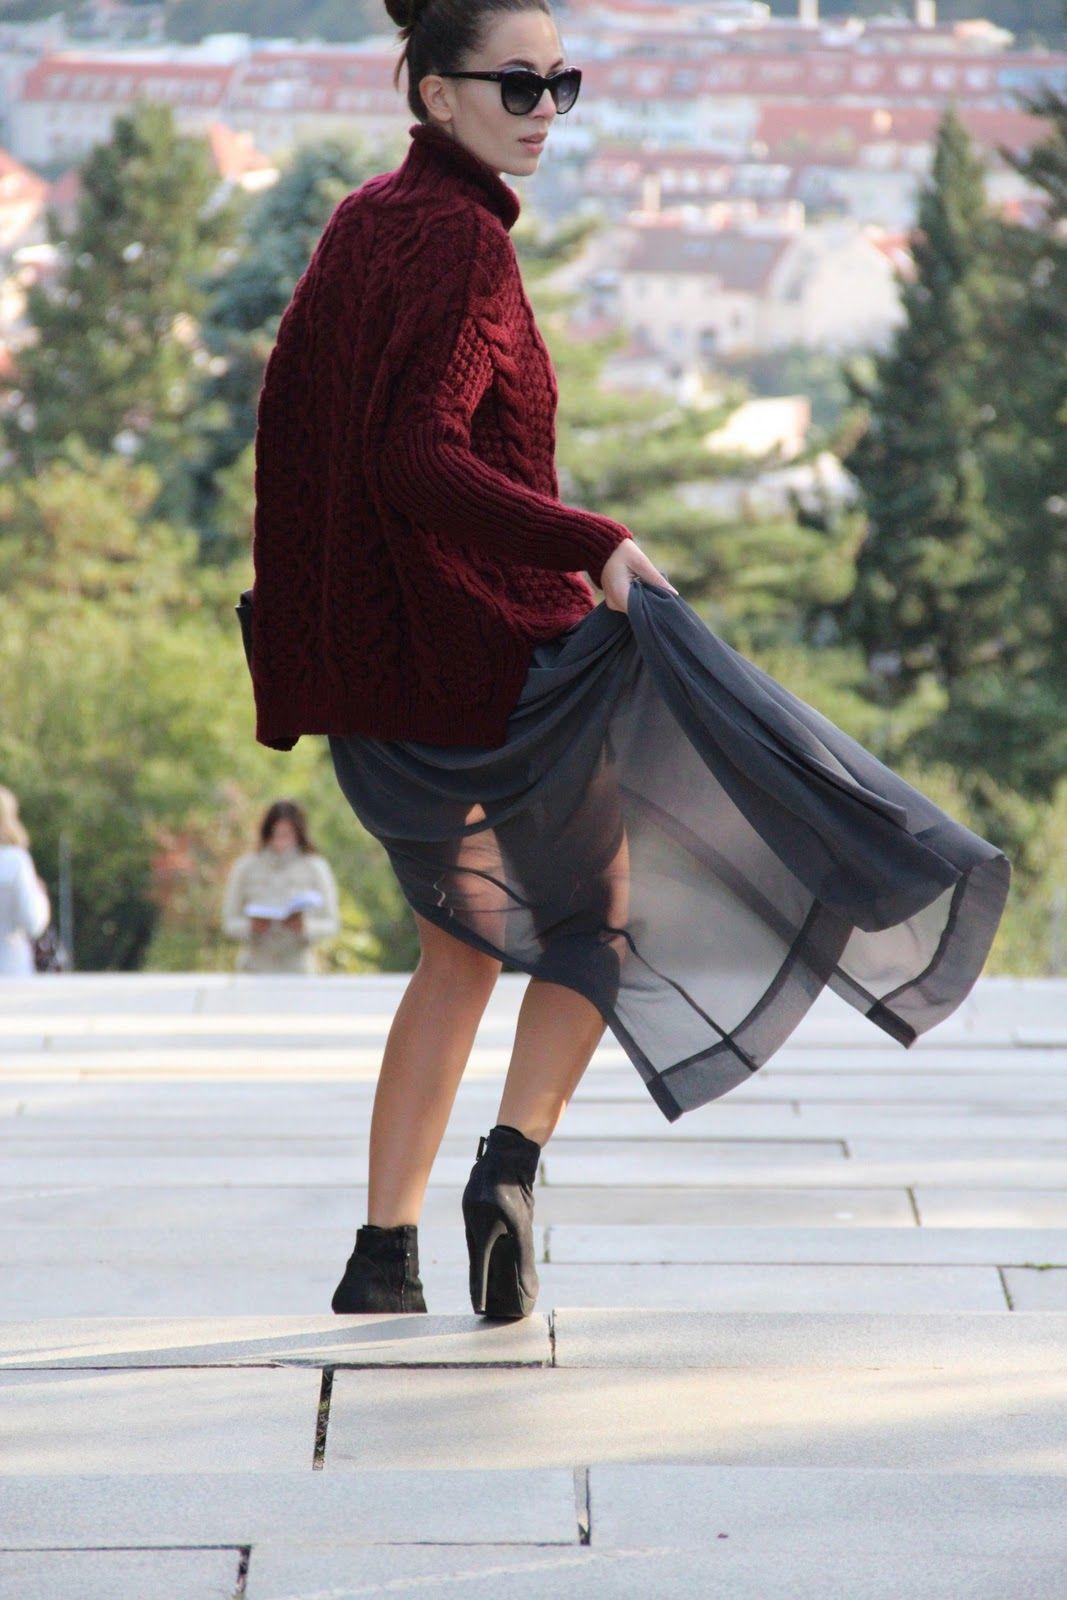 http://missiviblog.blogspot.com/2011/12/compre-burgundy-esta-aqui-buy-it.html